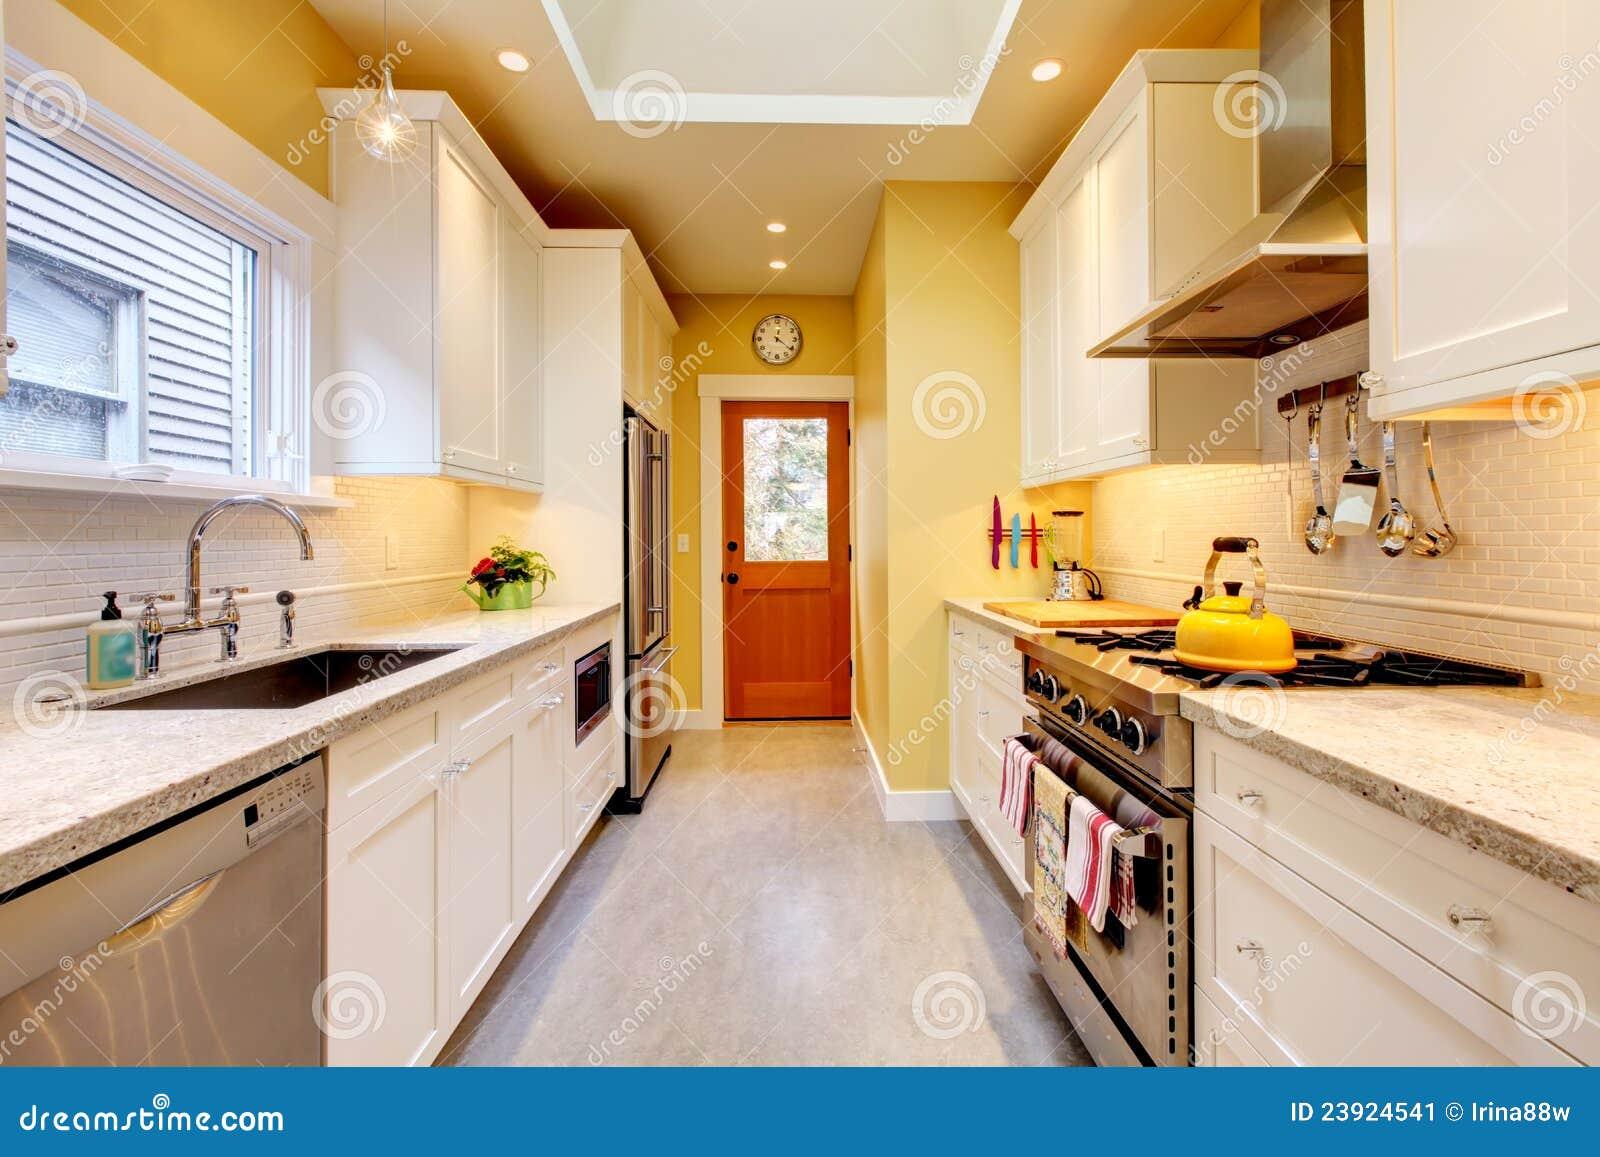 Cozinha Moderna Estreita Amarela E Branca Imagem De Stock Imagem